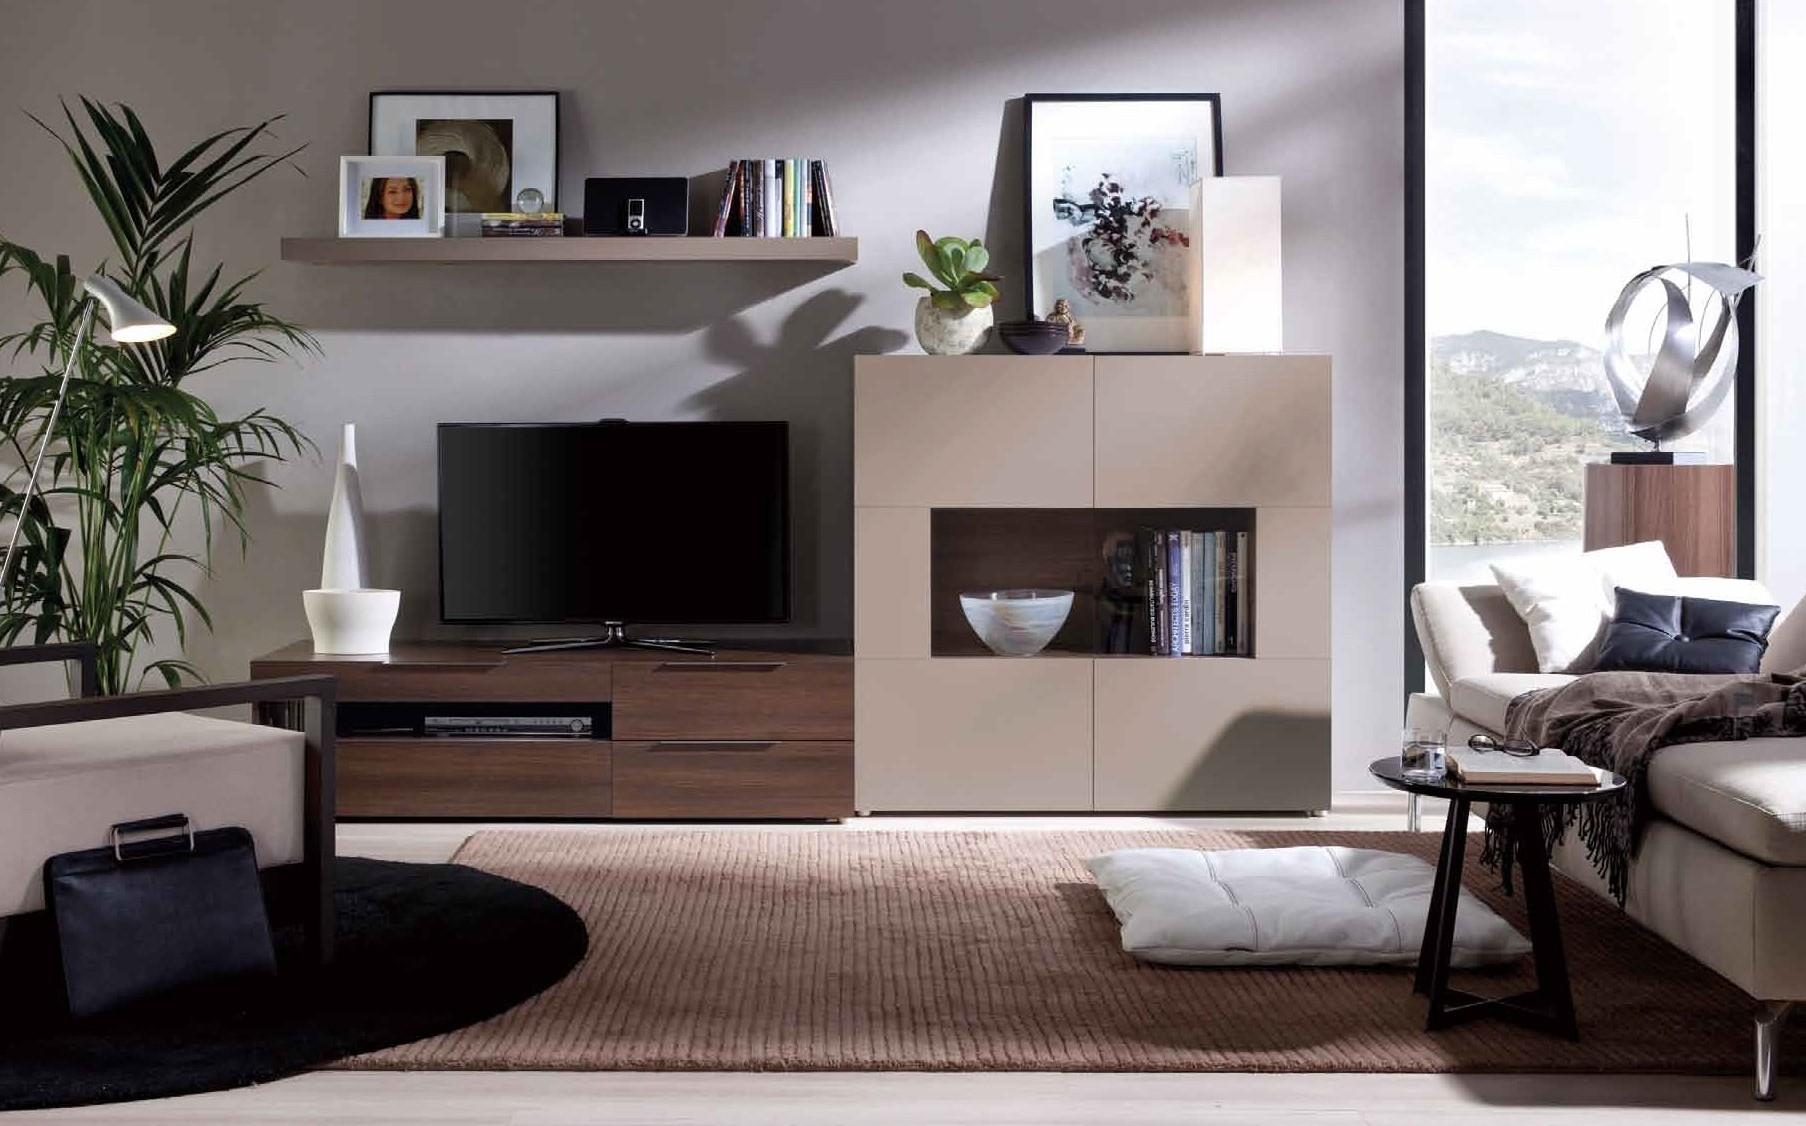 Modern Wall Units Wall Units Ikea Bedroom Wall Units Furniture For Modern Wall Units (#13 of 15)